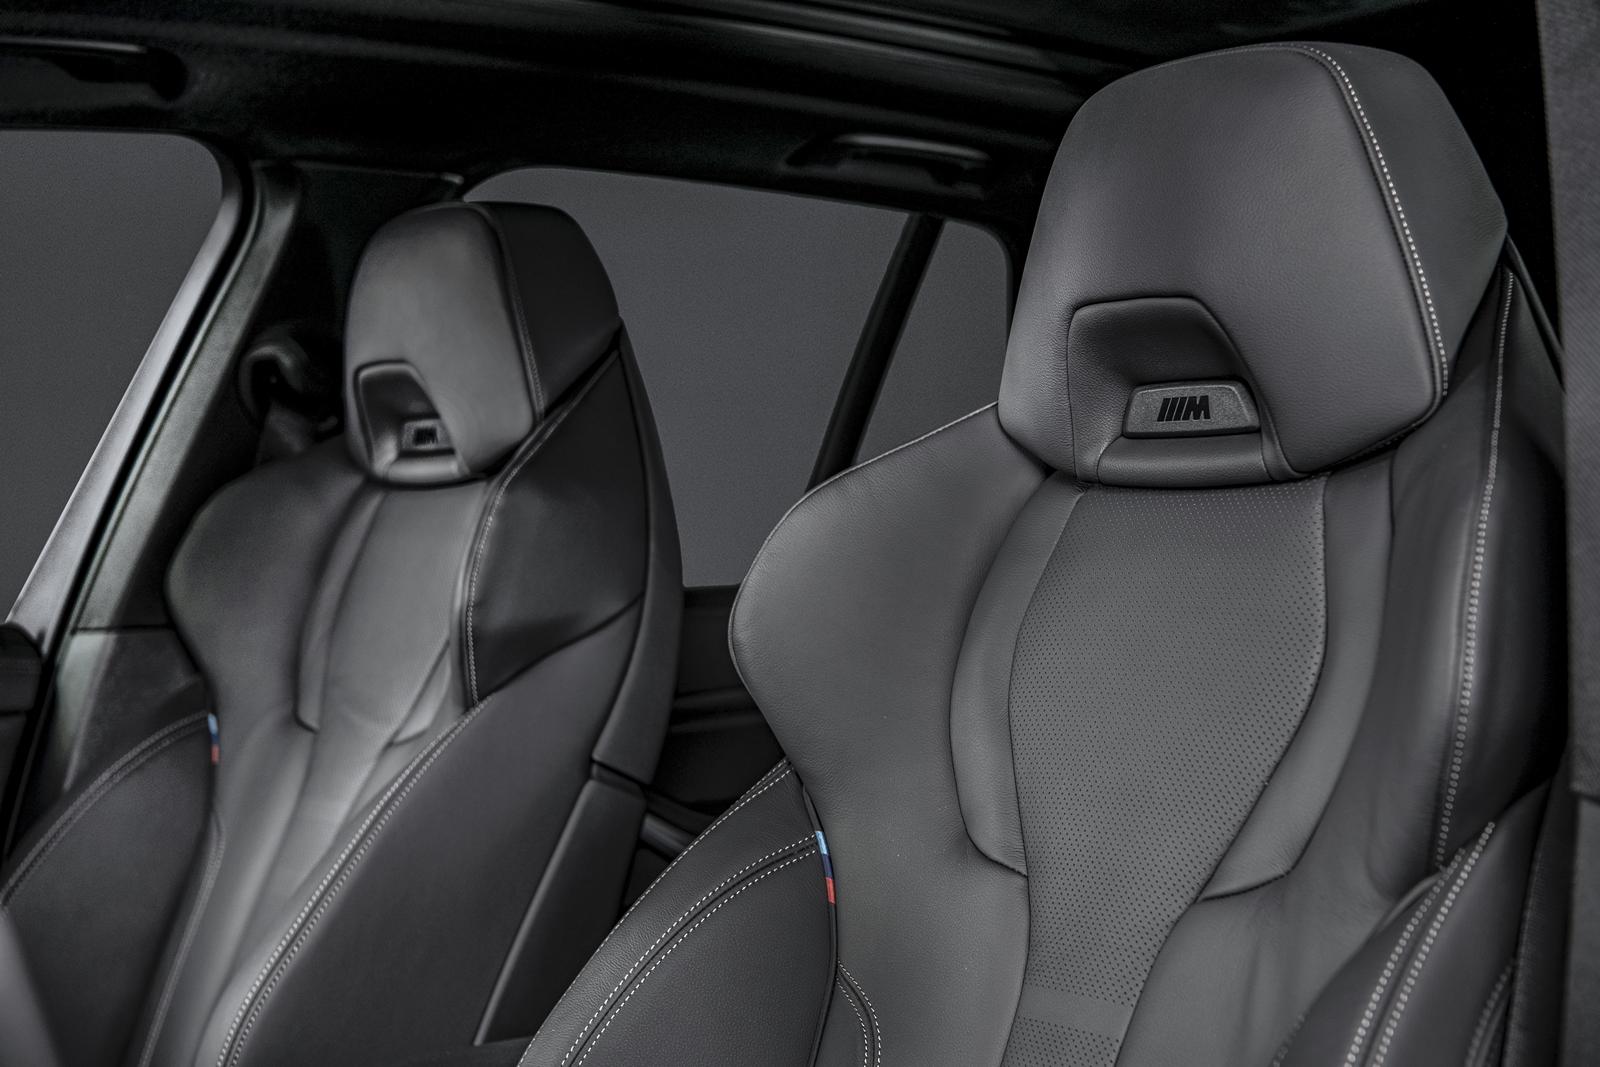 BMW X5 Dark Knight曜黑版配備 Vernasca真皮內裝、M雙前座跑車座椅及雙前座加熱座椅。